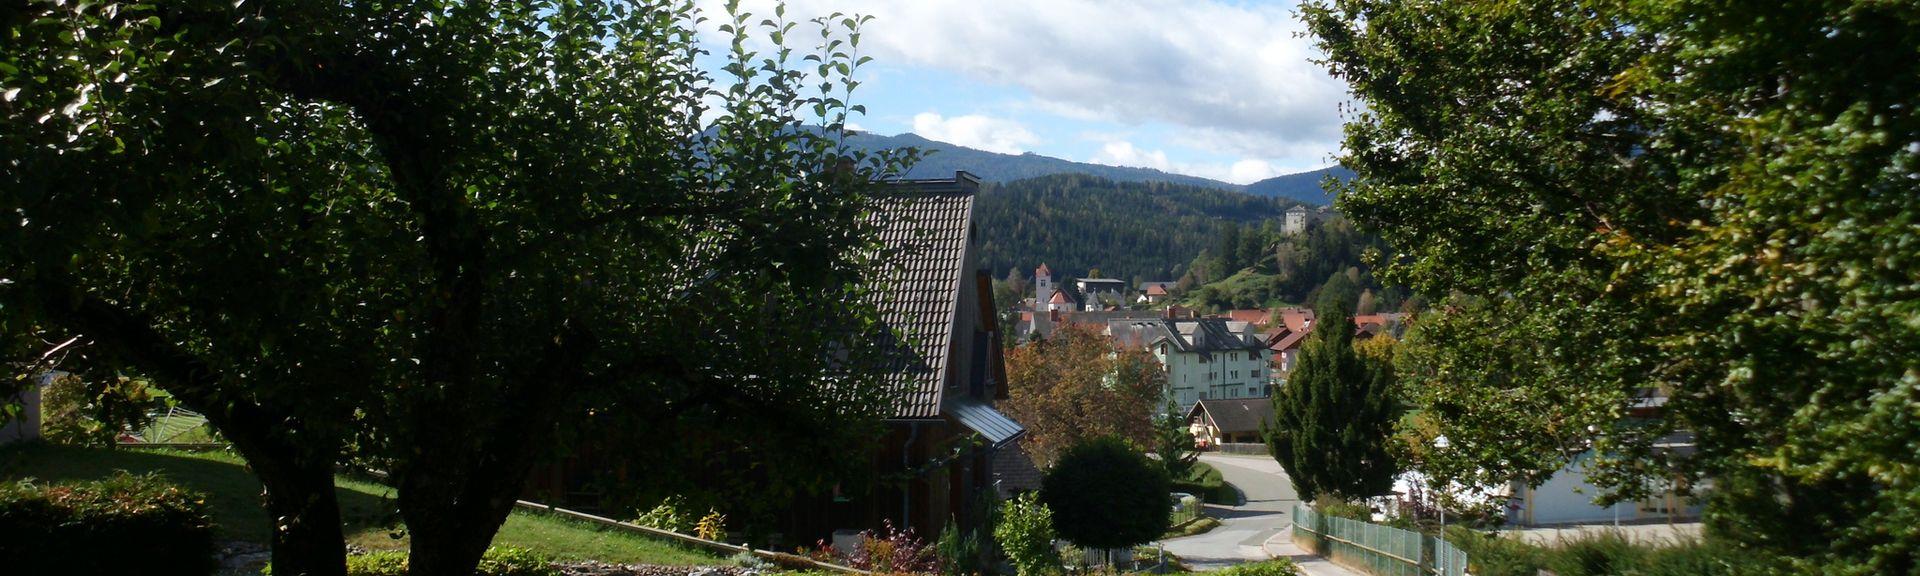 Teufenbach, Austria